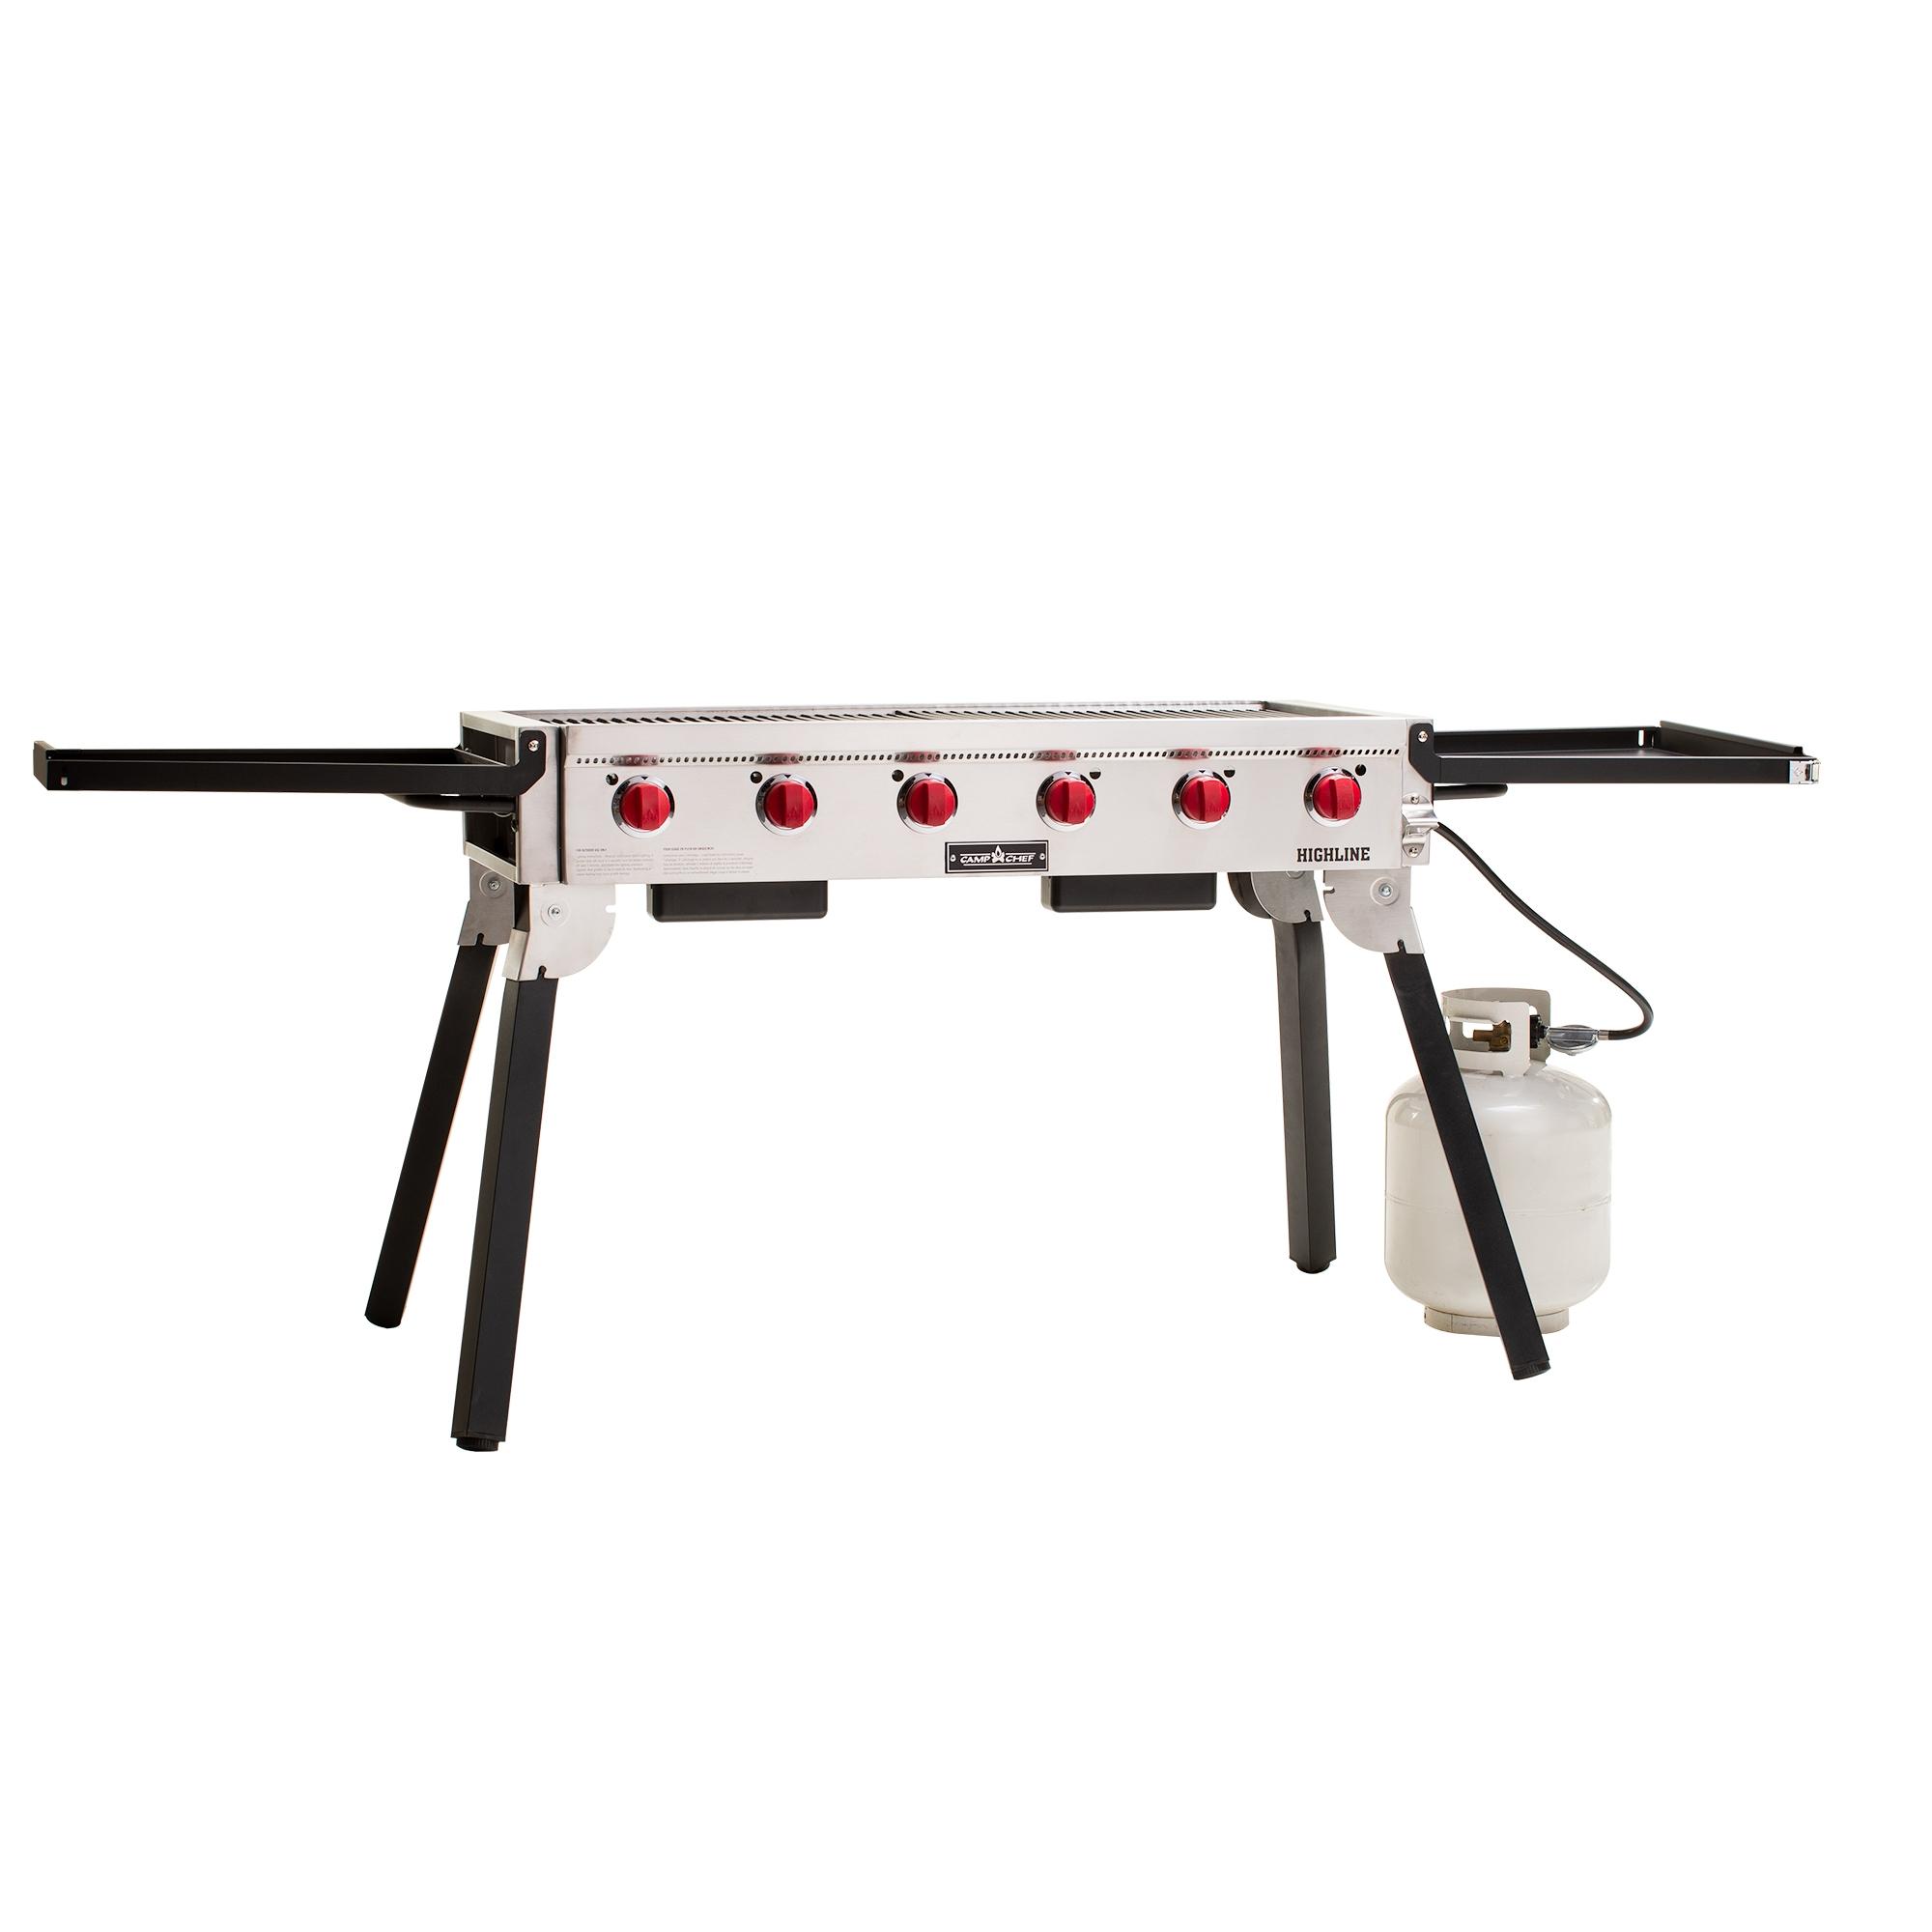 Camp Chef Portable Highline Grill // 6 Burner